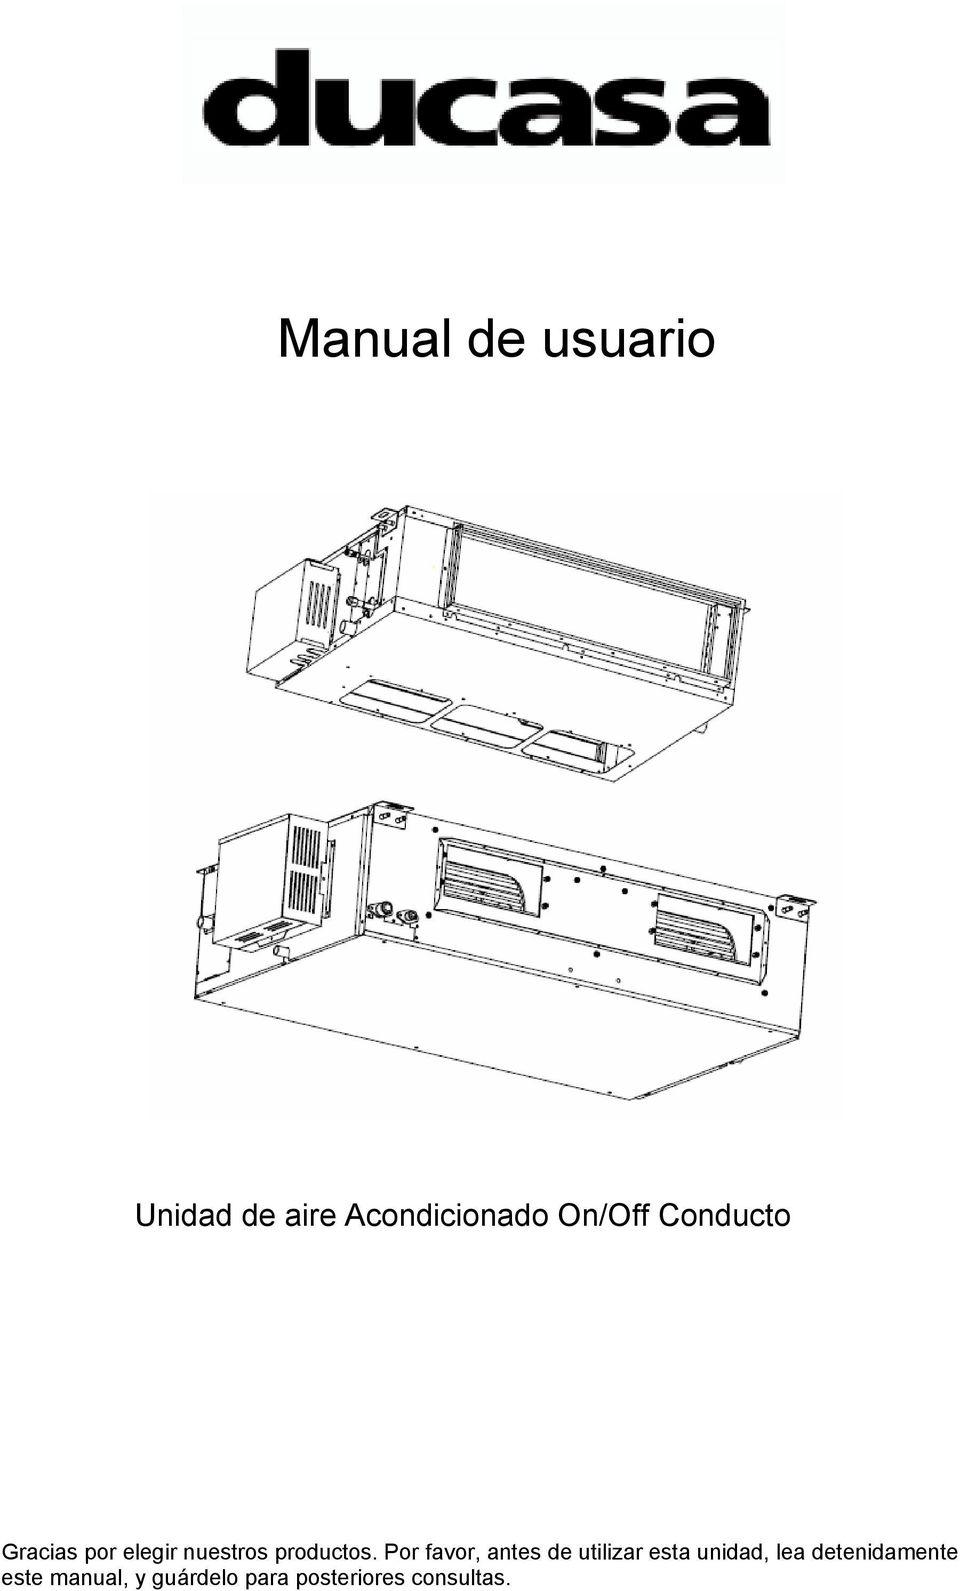 Manual de usuario. Unidad de aire Acondicionado On/Off